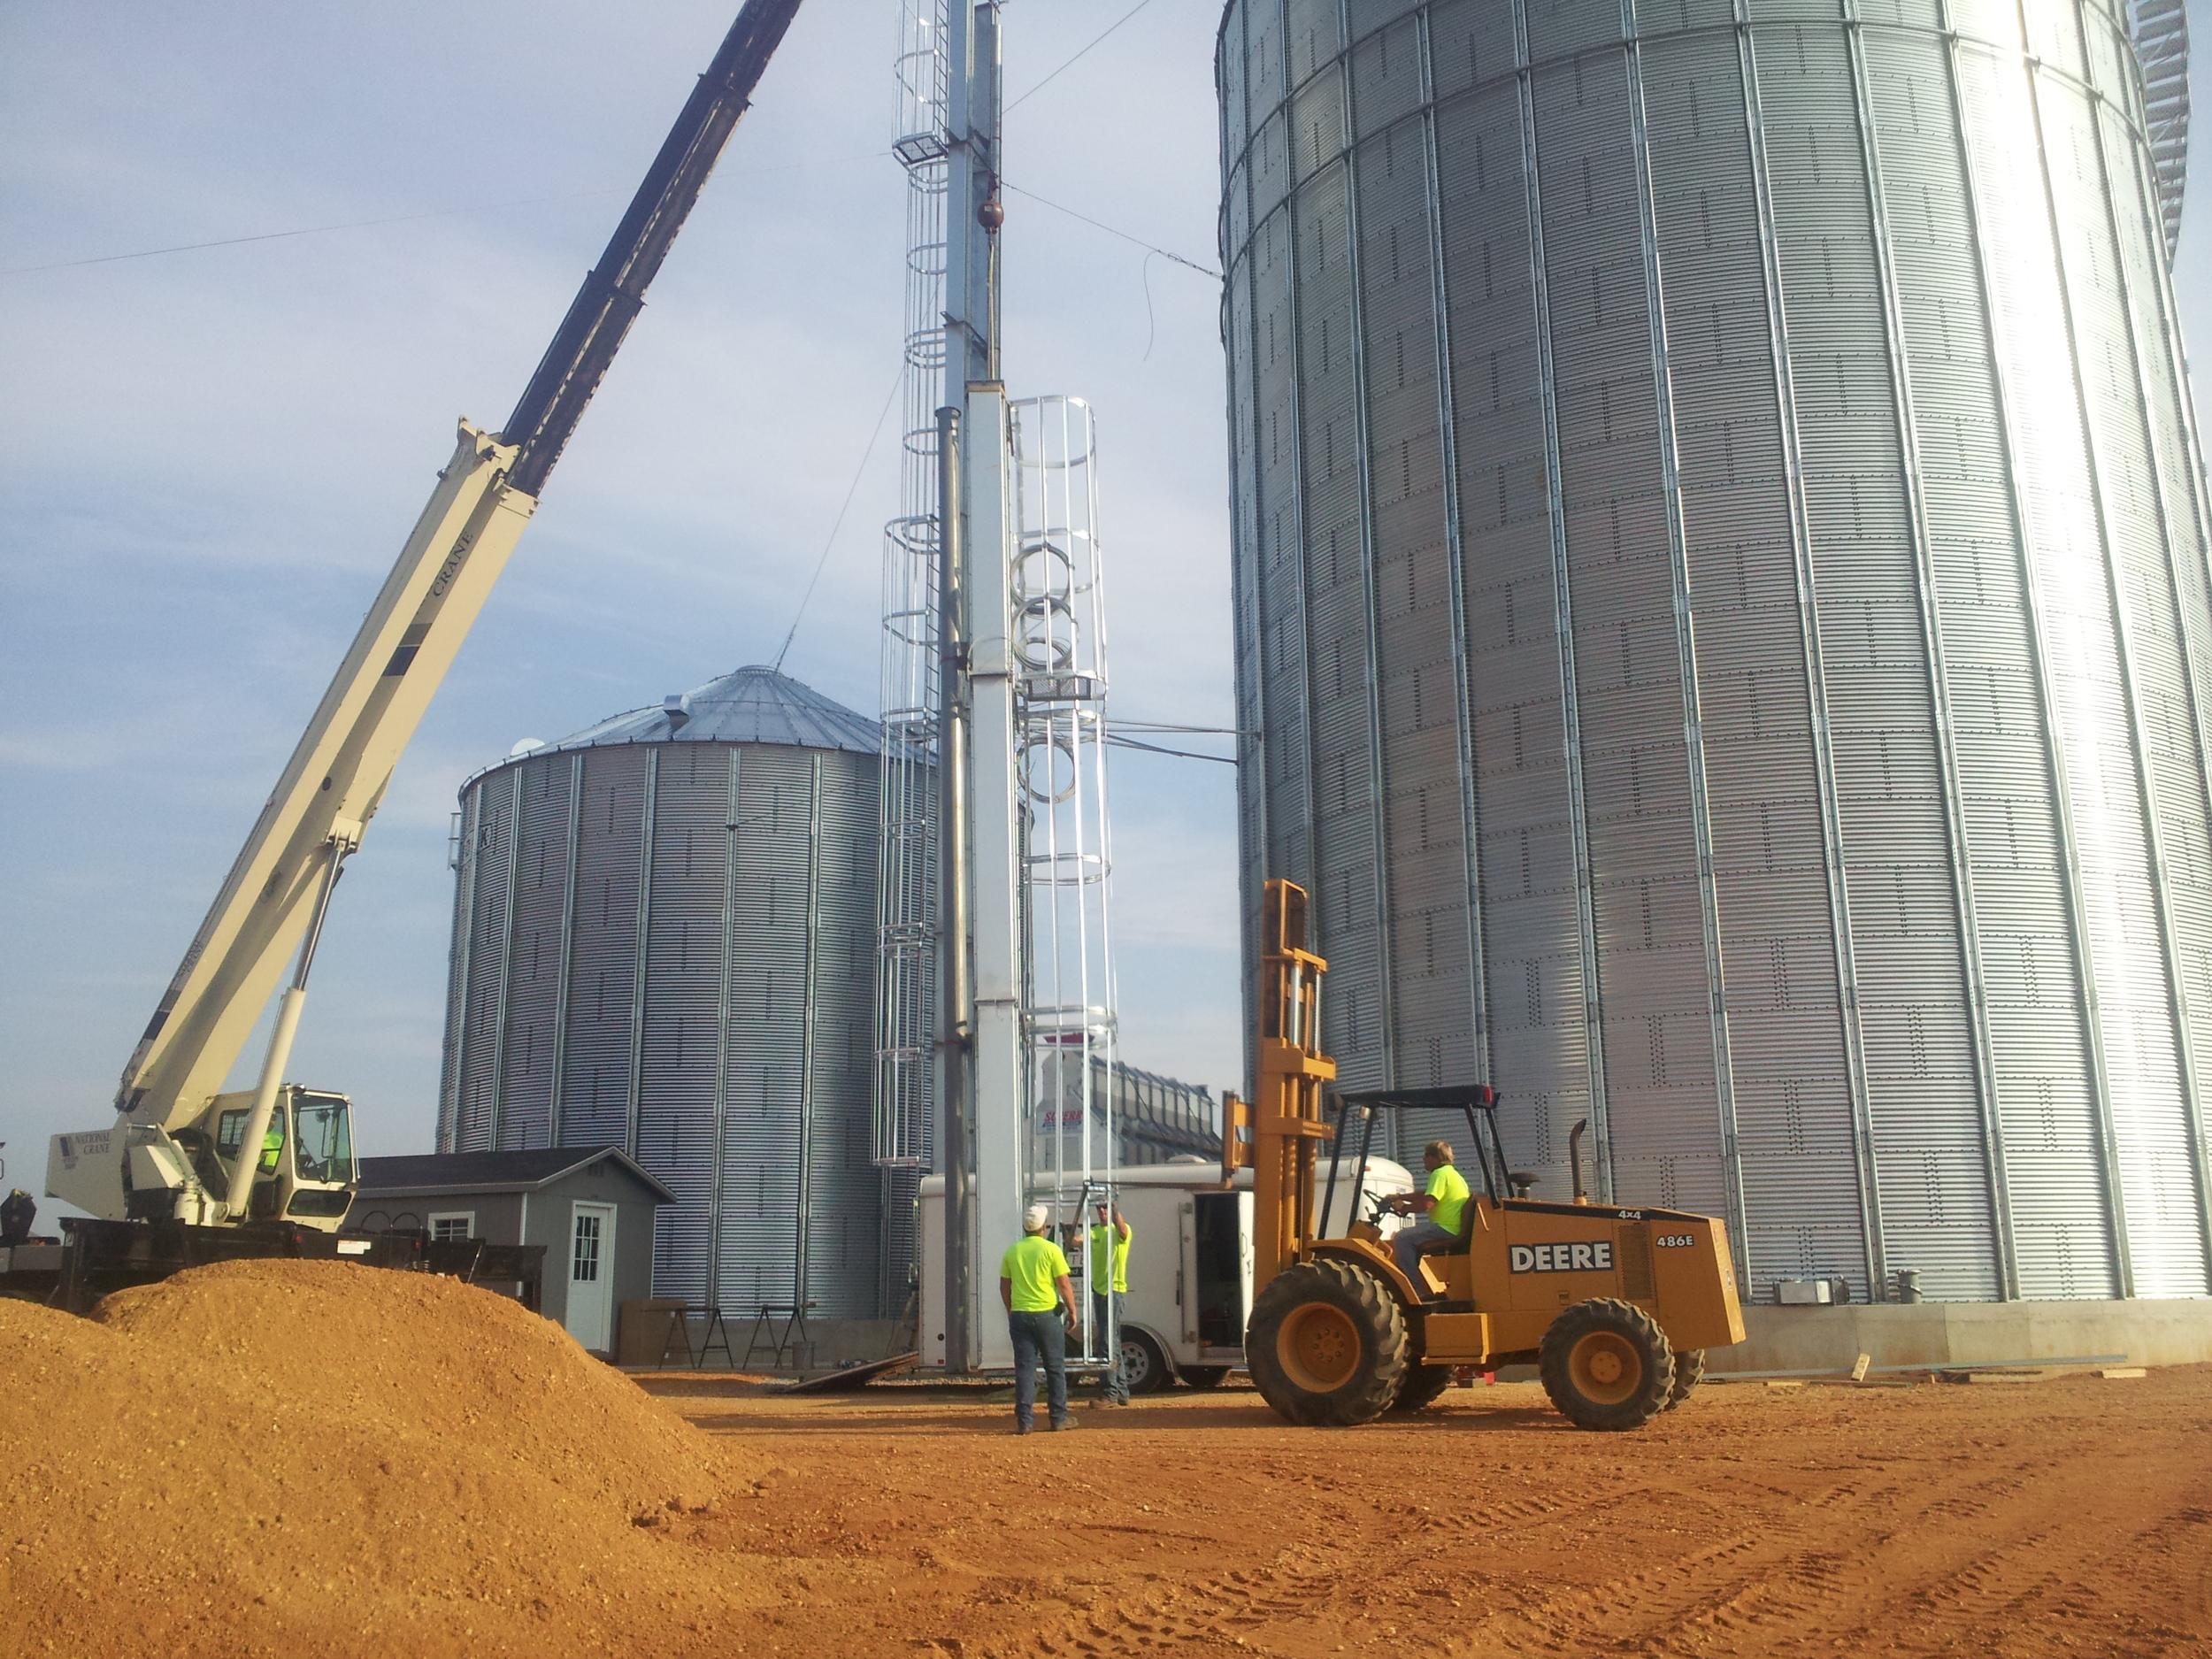 finishing the grain bin installation